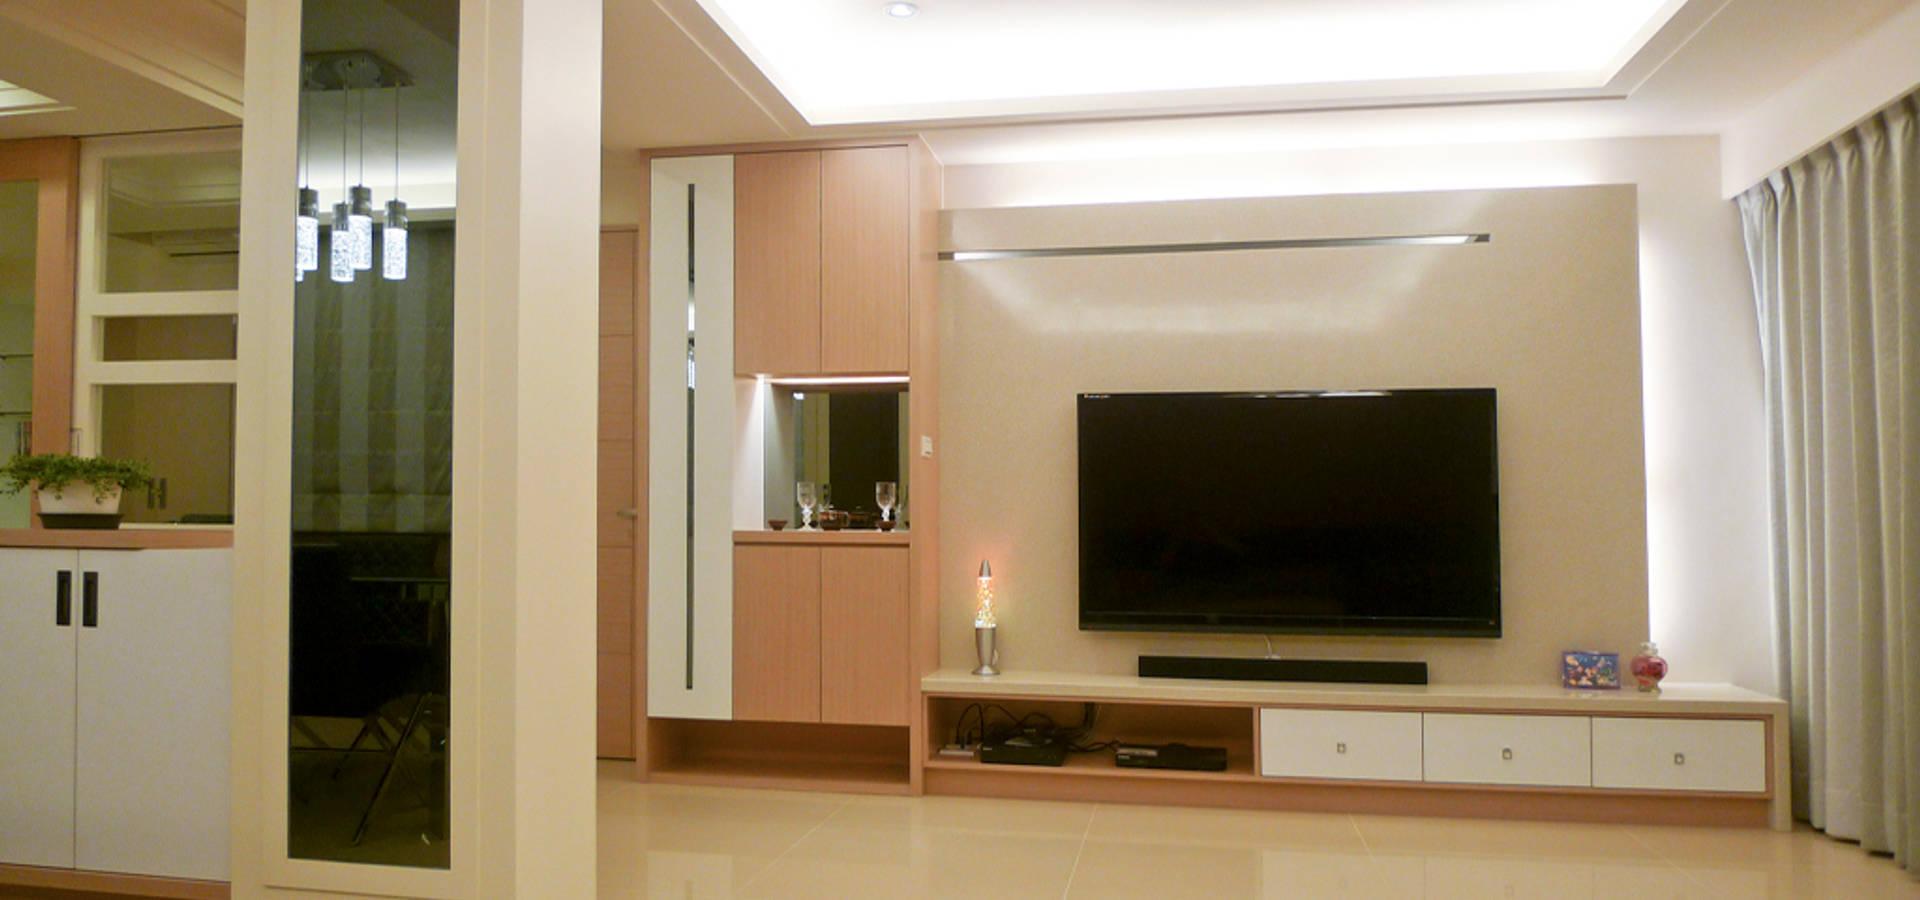 亞晨室內裝修設計工程有限公司